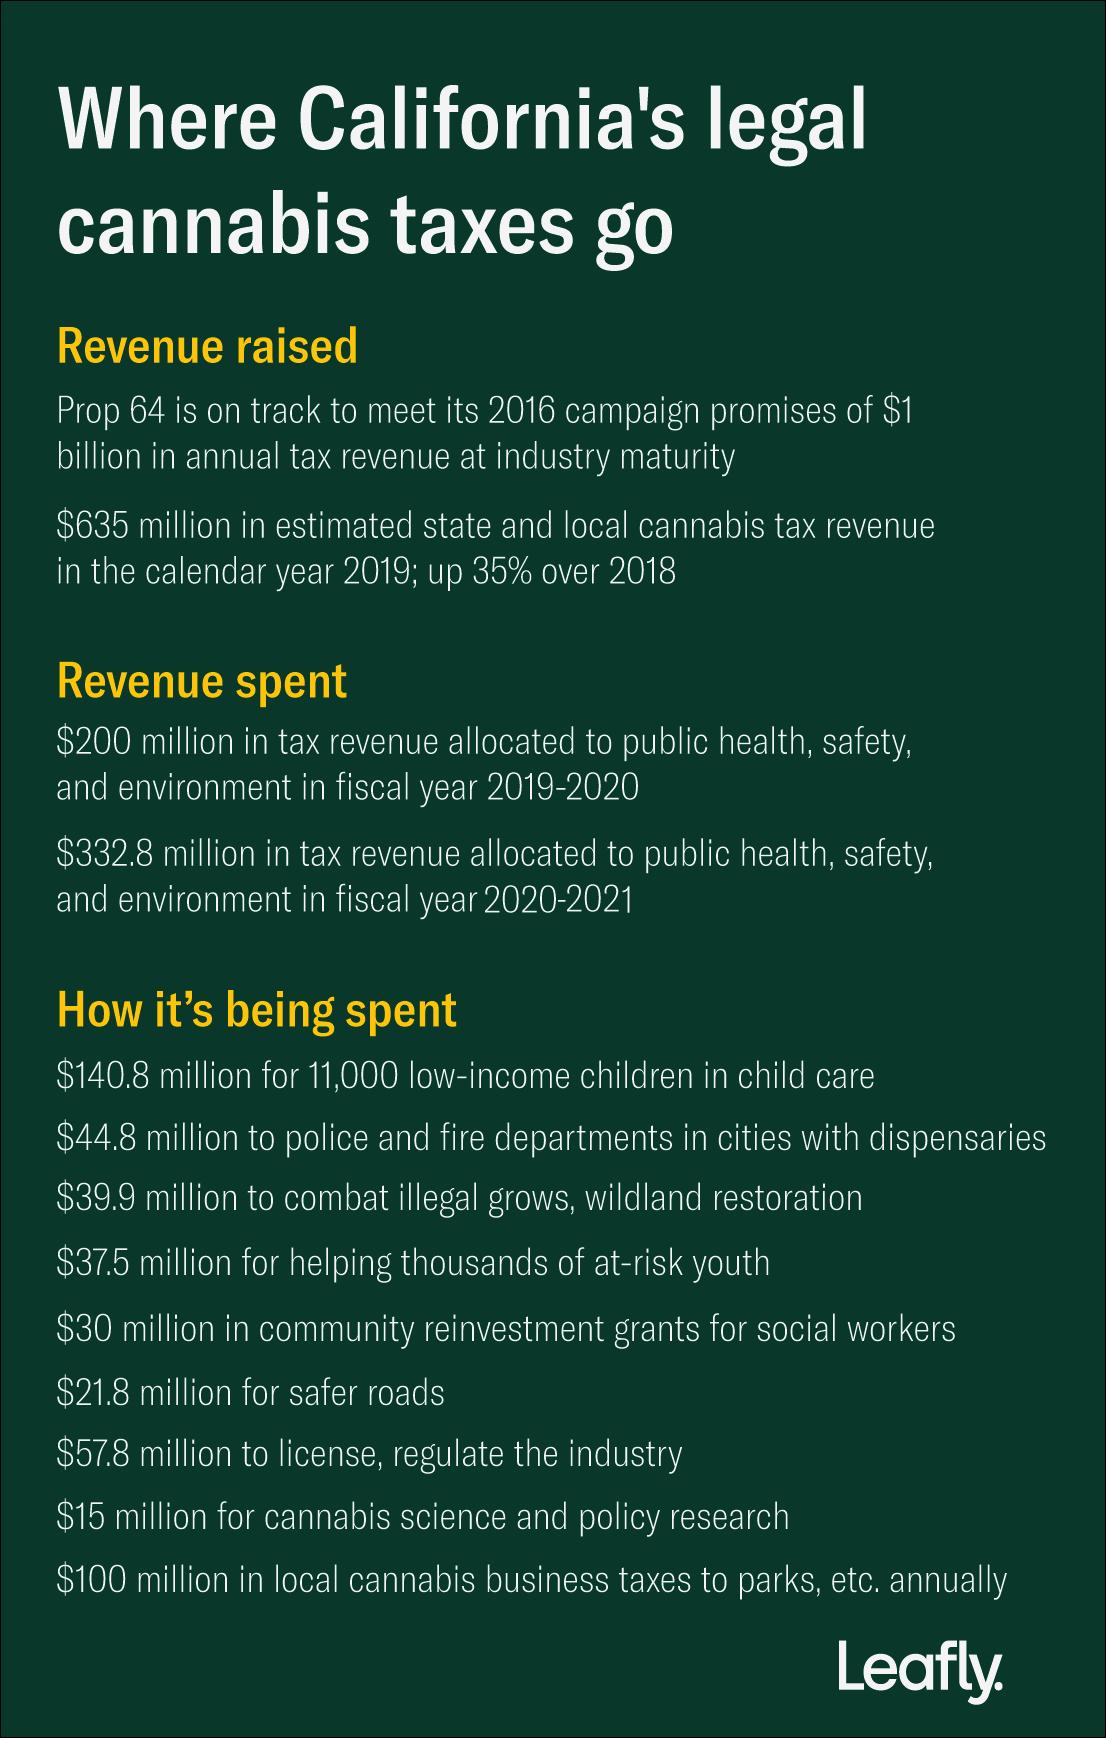 legalization, tax revenue, prop 64